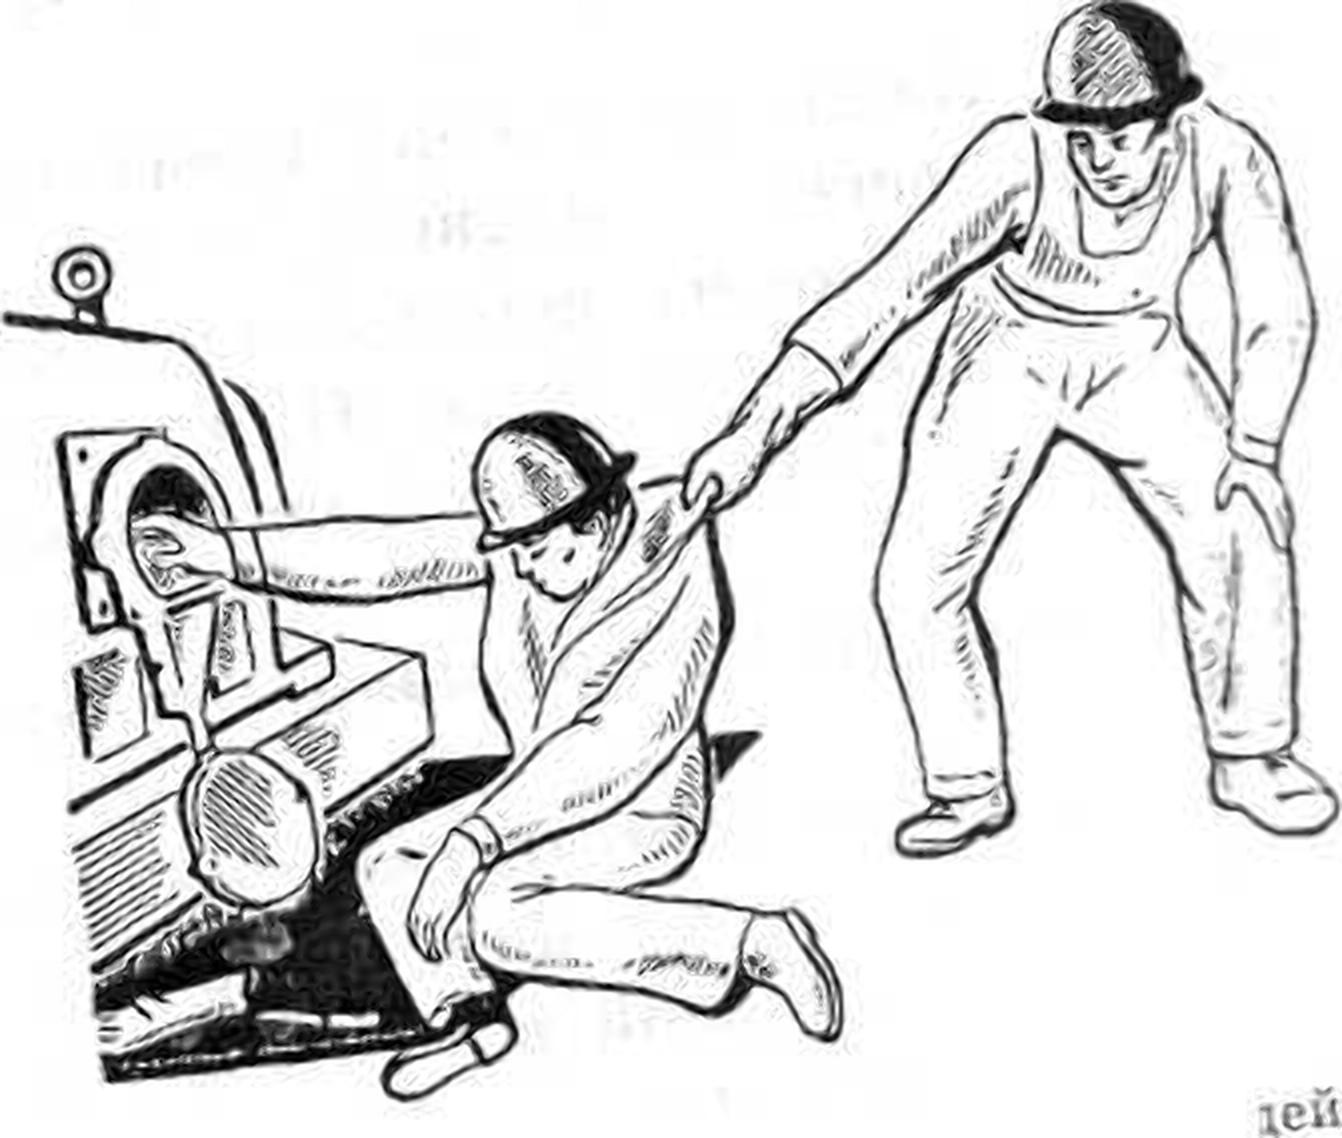 человек пытается оттащить пострадавшего, правила помощи при поражении